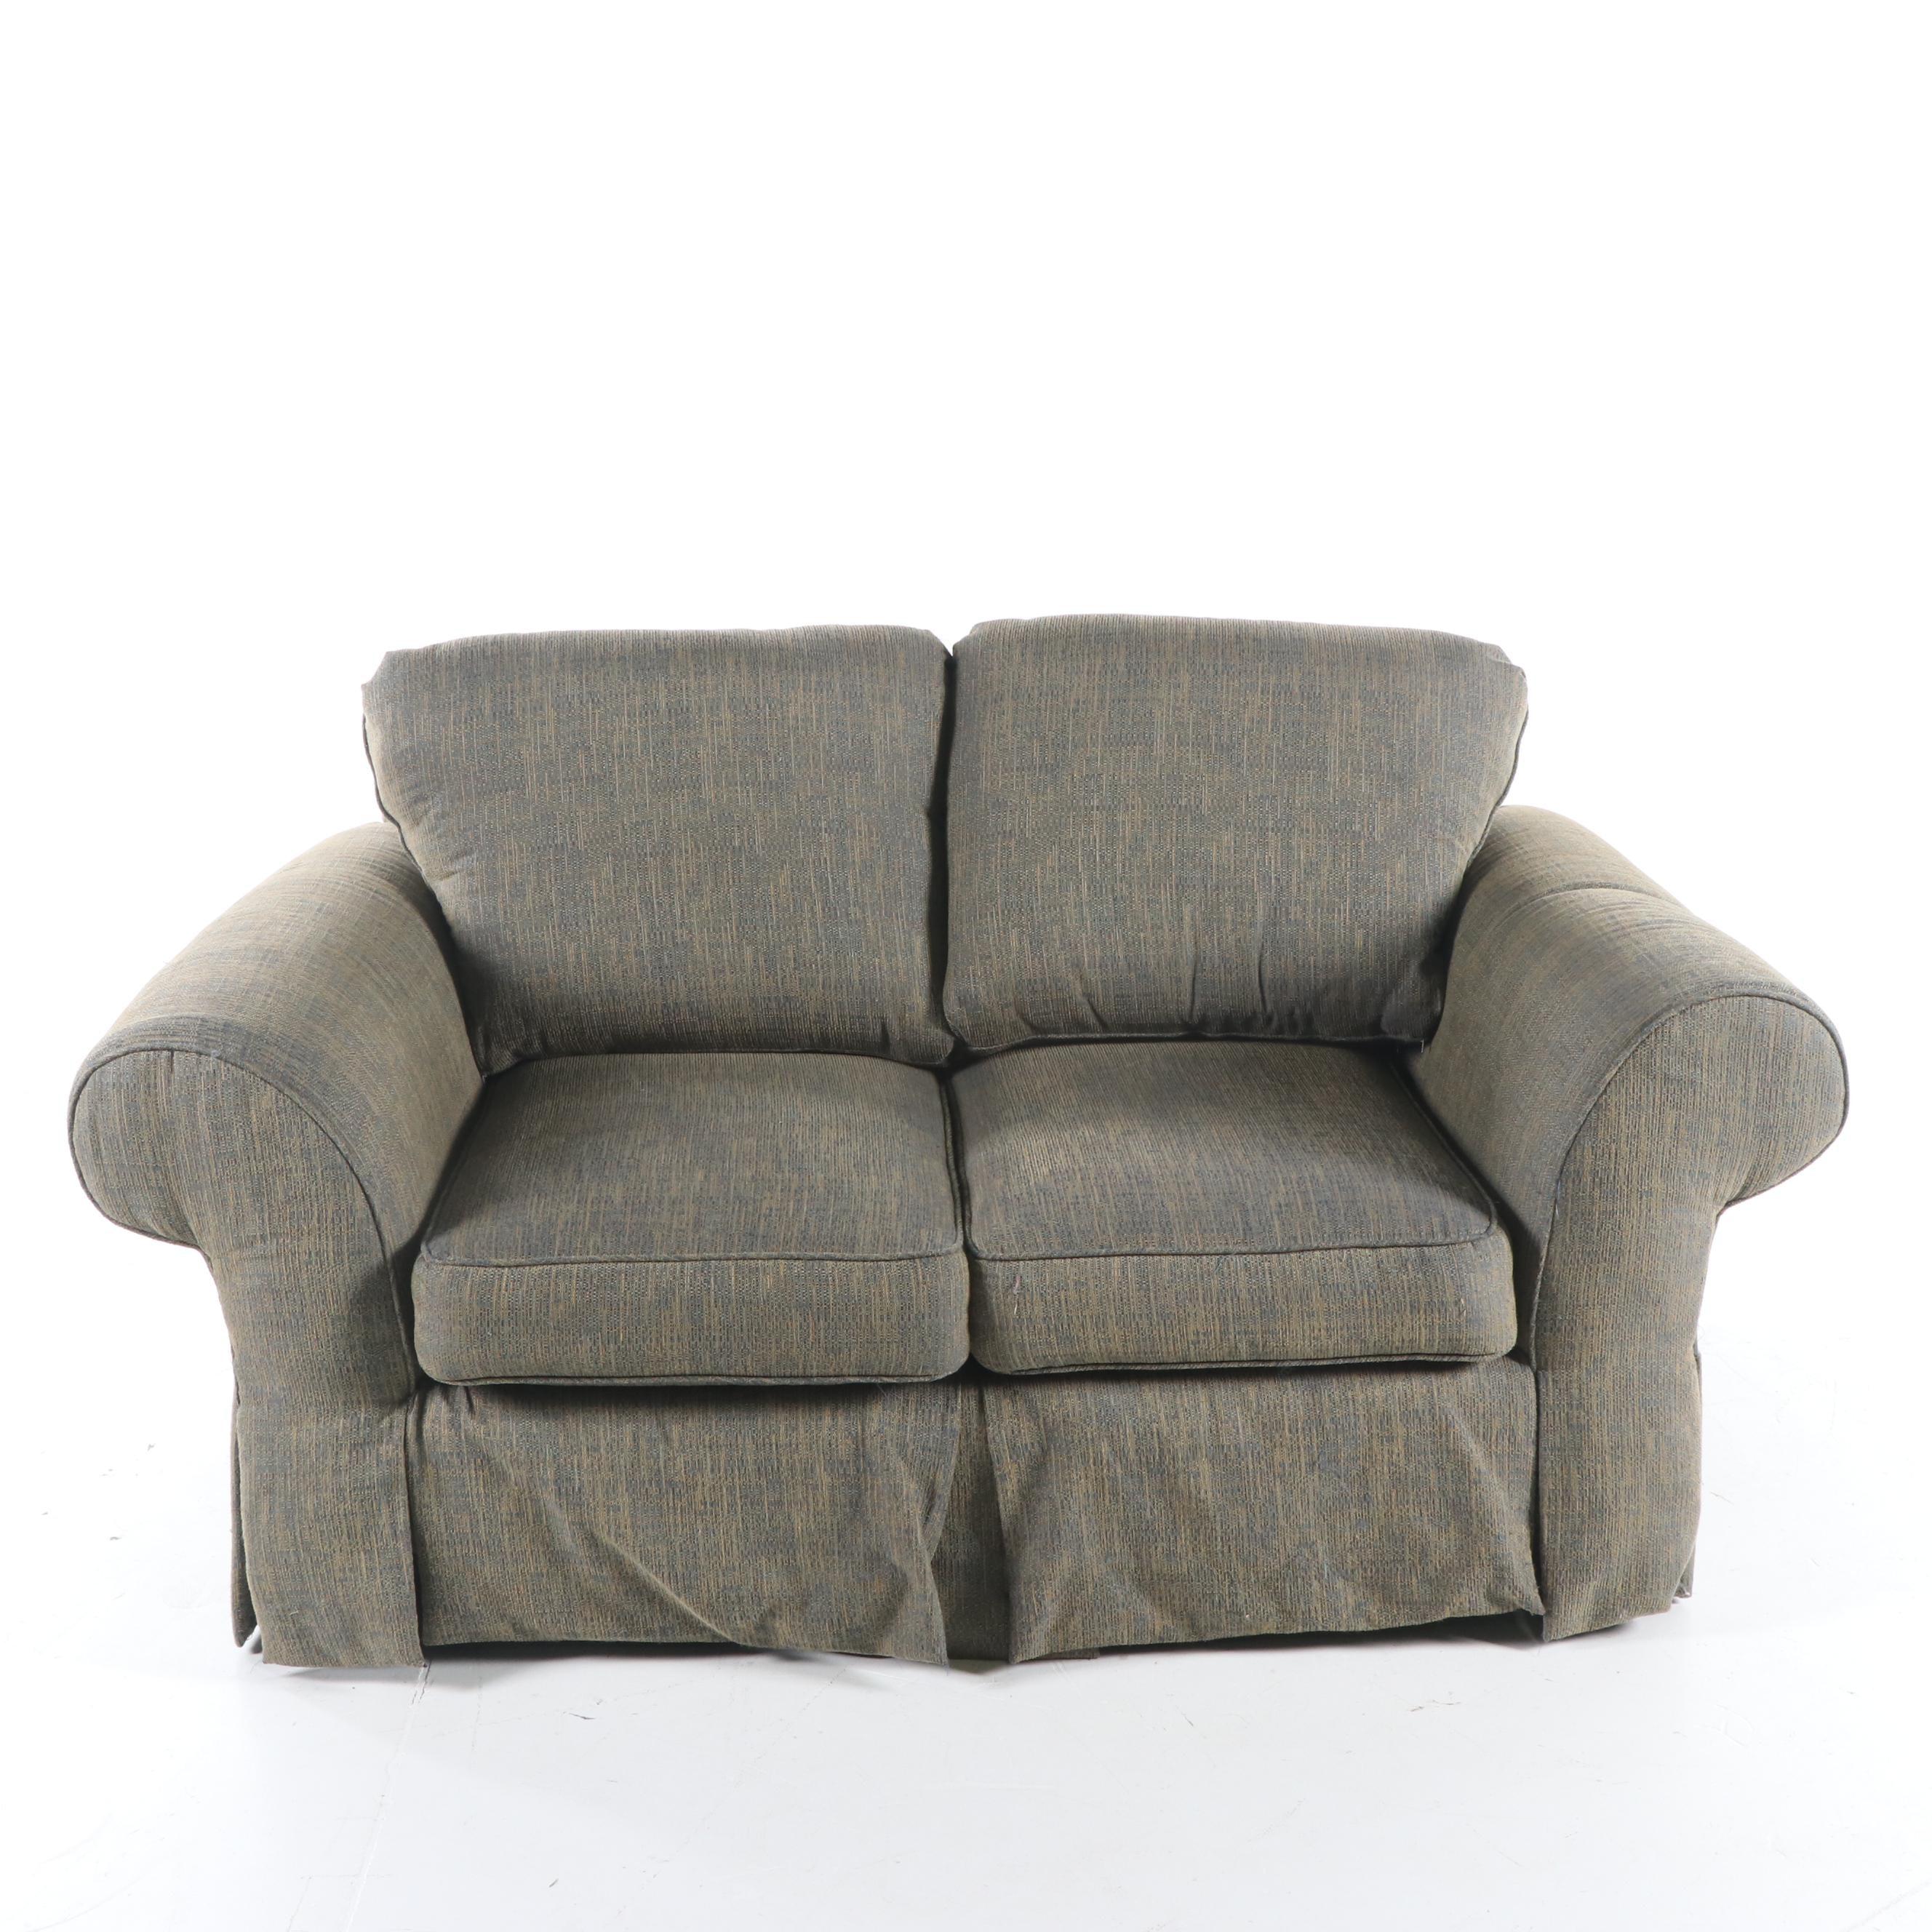 Upholstered Loveseat by Design Upholstery, 21st Century